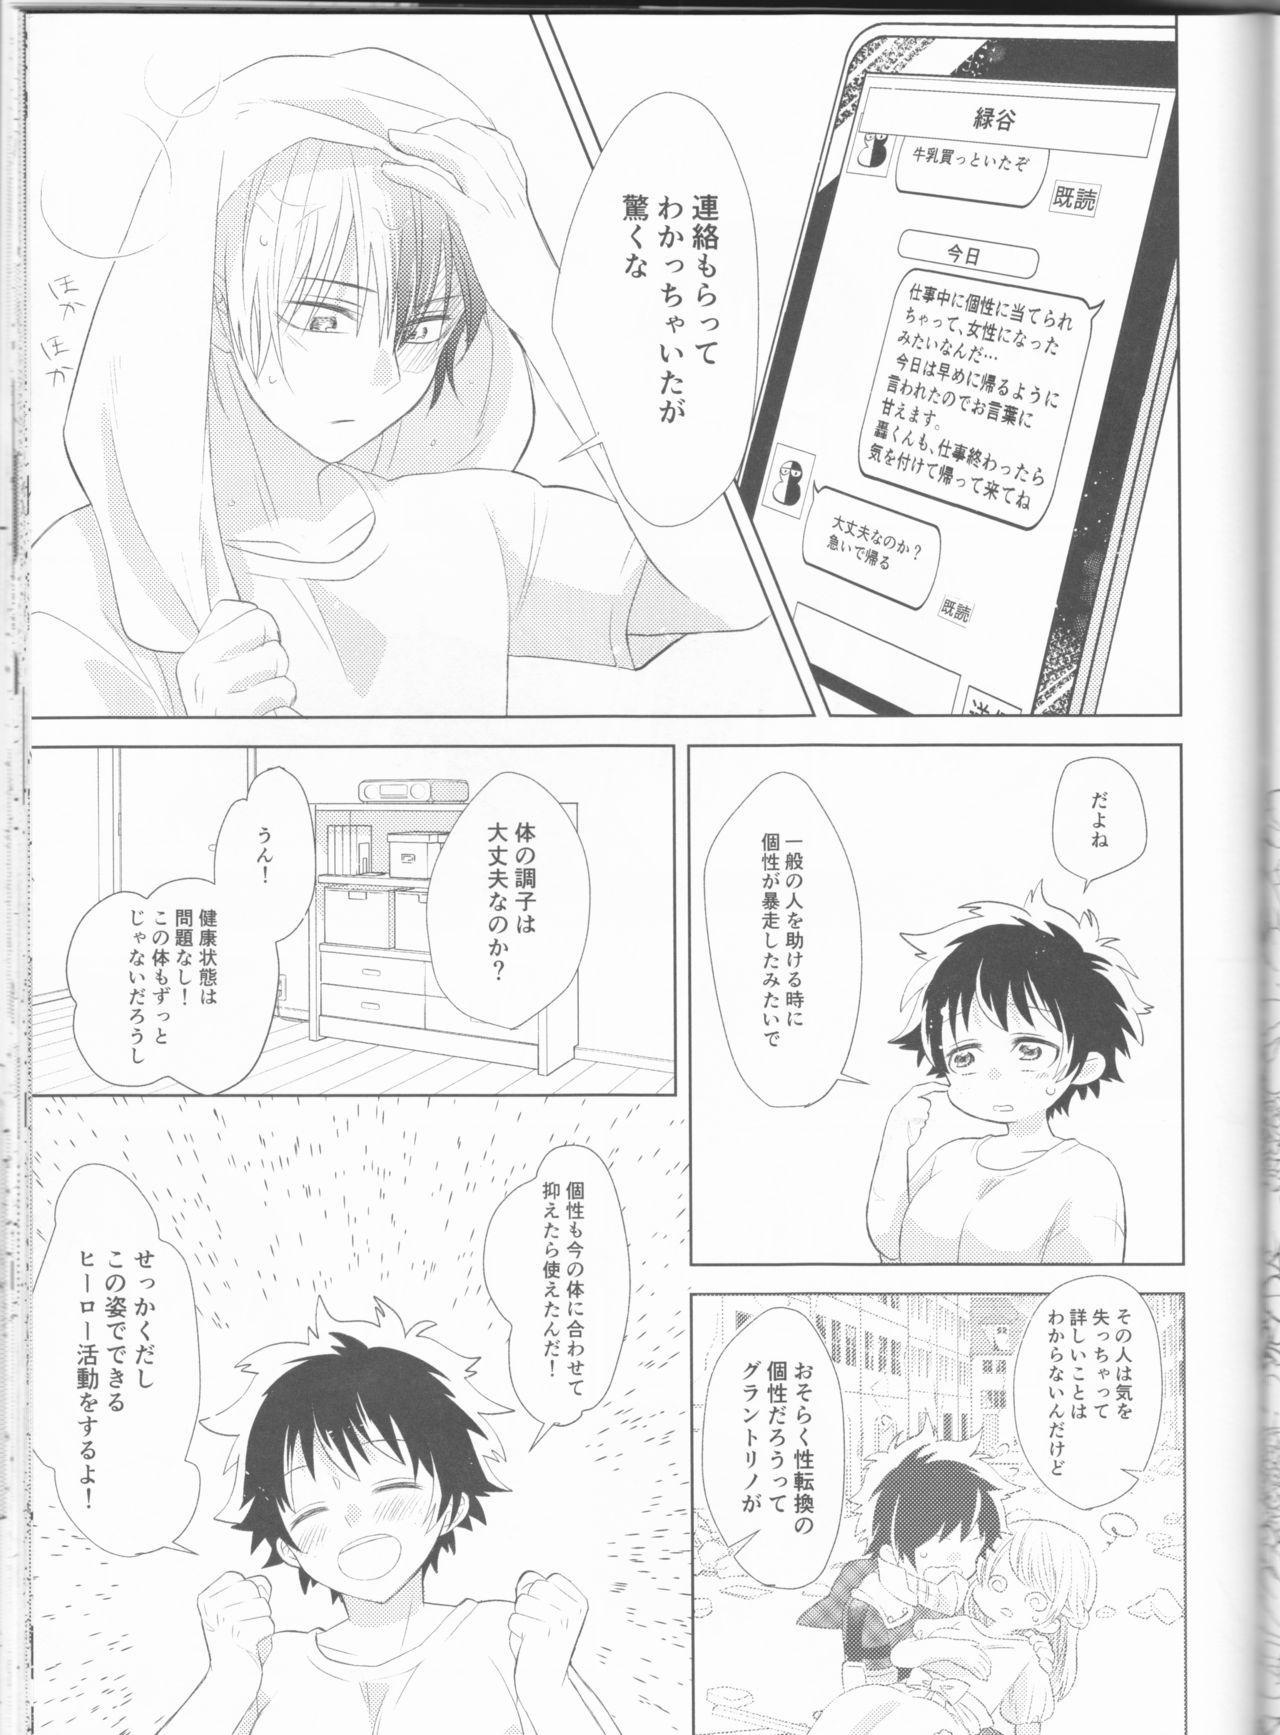 Sangatsu Usagi no Himegoto 3